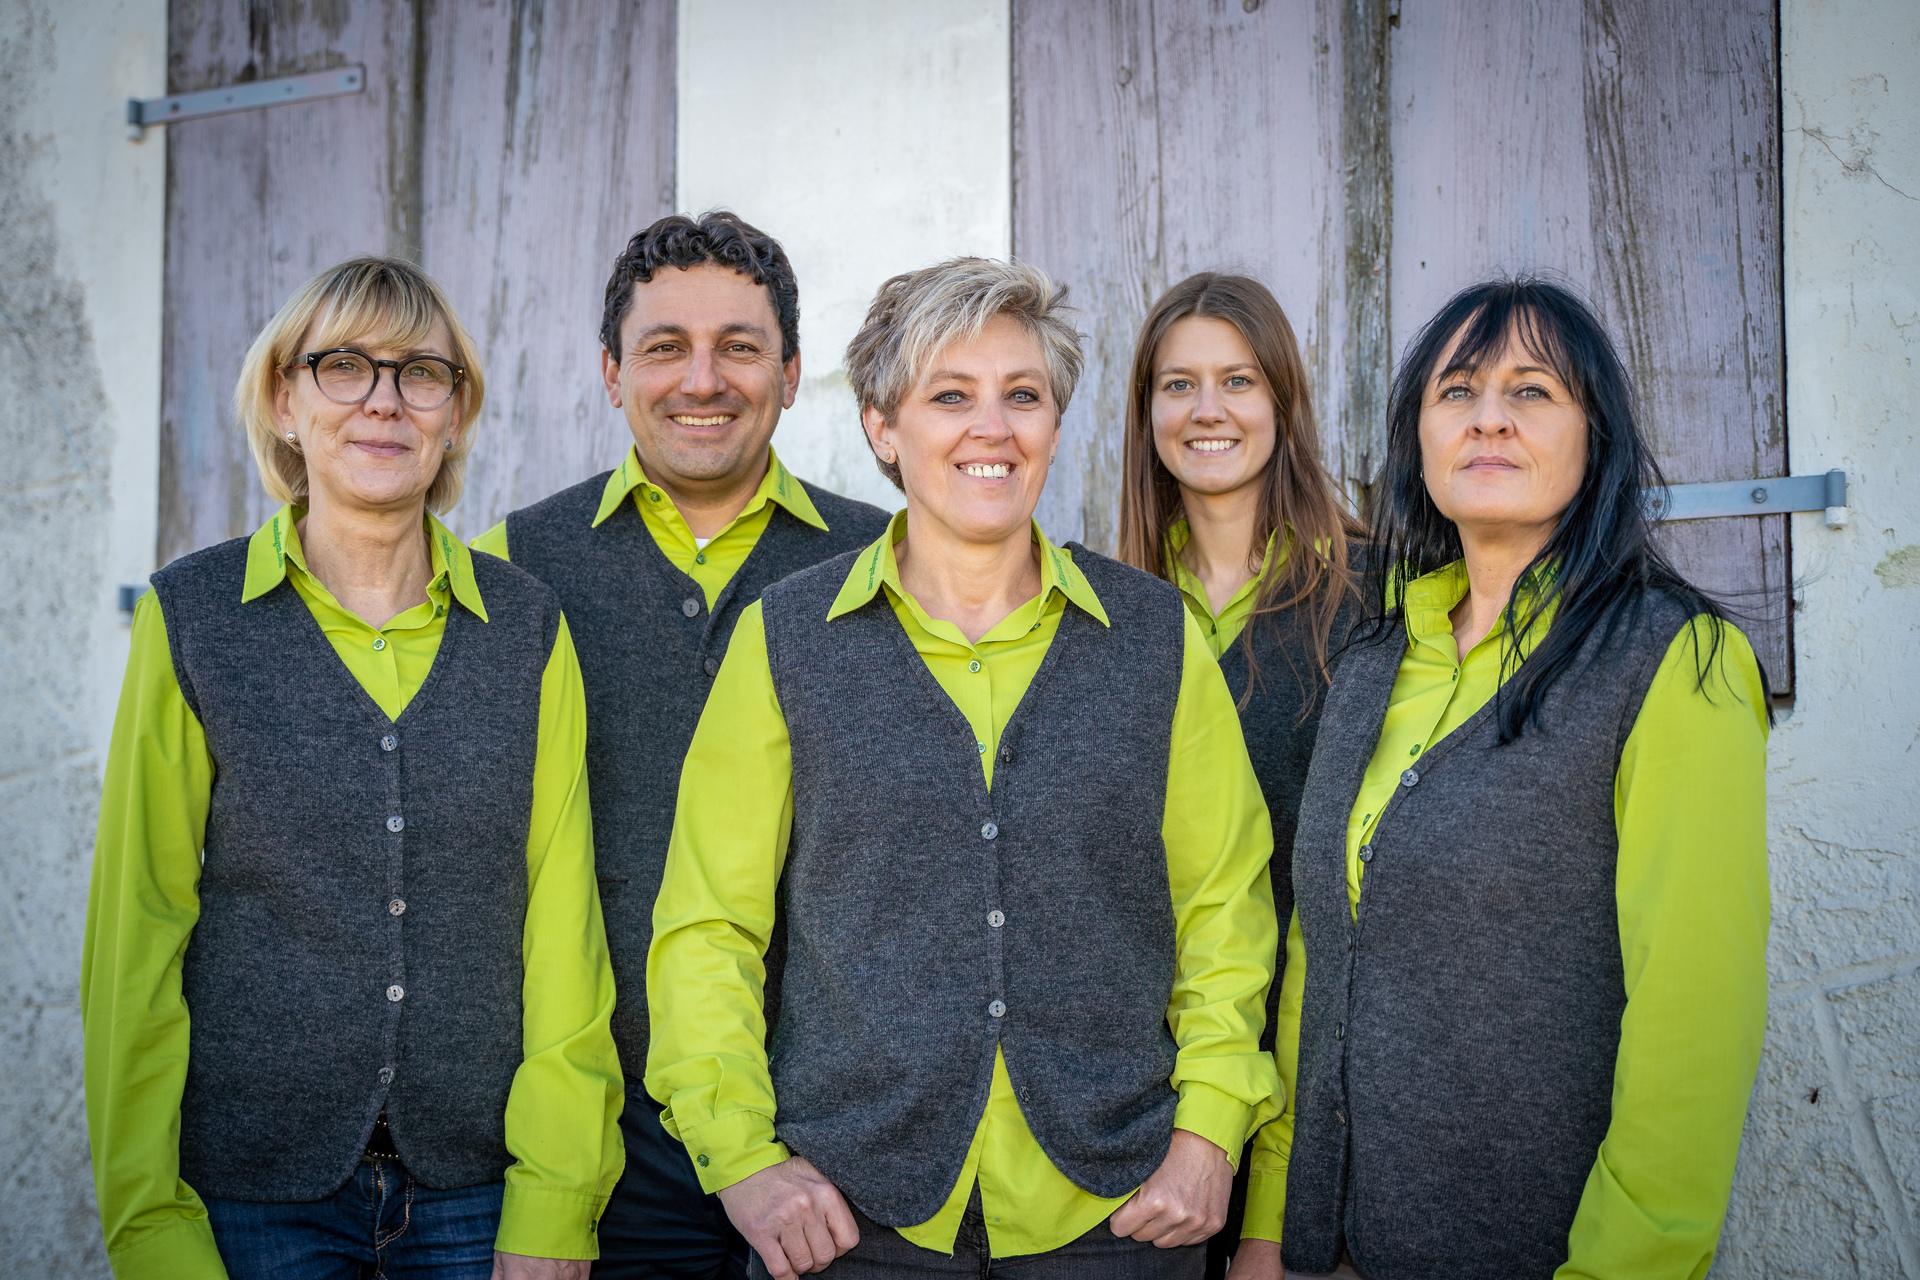 Drei Personen stehen vorne, zwei dahinter auf Lücke. Alle lächeln in die Kamera und tragen eine grüne Bluse mit einer grauen Weste.